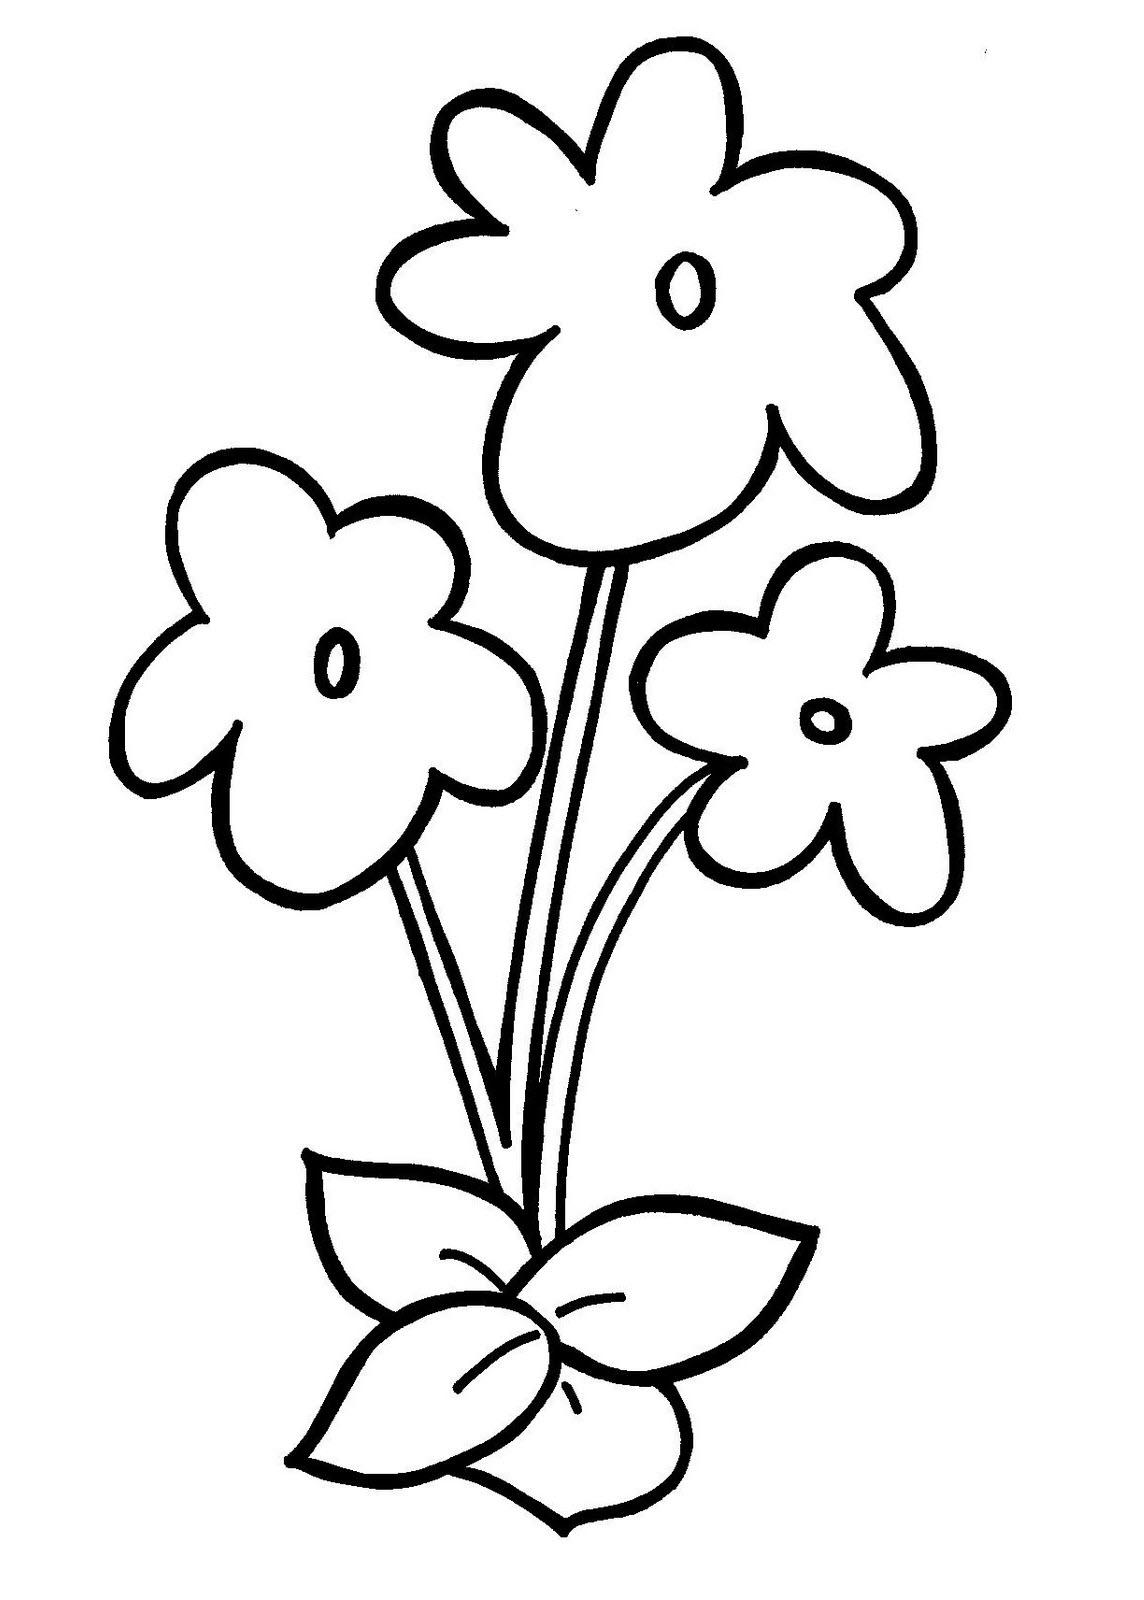 Tranh tô màu bông hoa cho bé đẹp